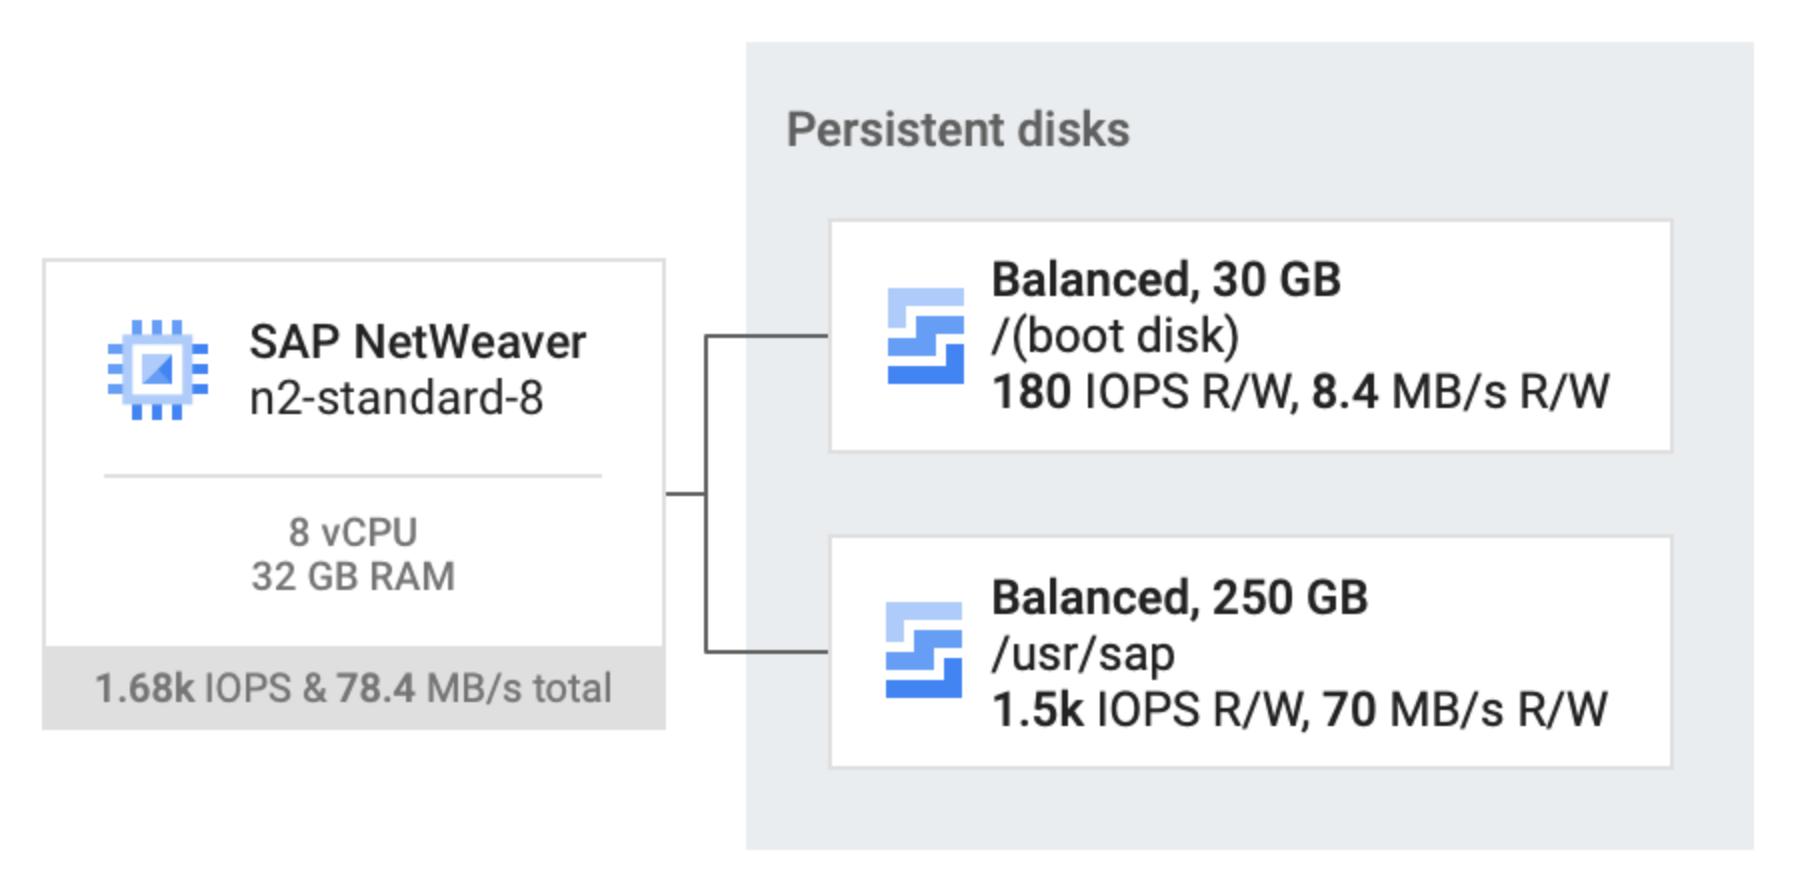 Dos discos persistentes balanceados, uno de 80GB y otro de 250GB, que están conectados a una VM host n2-standard-32 que ejecuta SAPNetWeaver